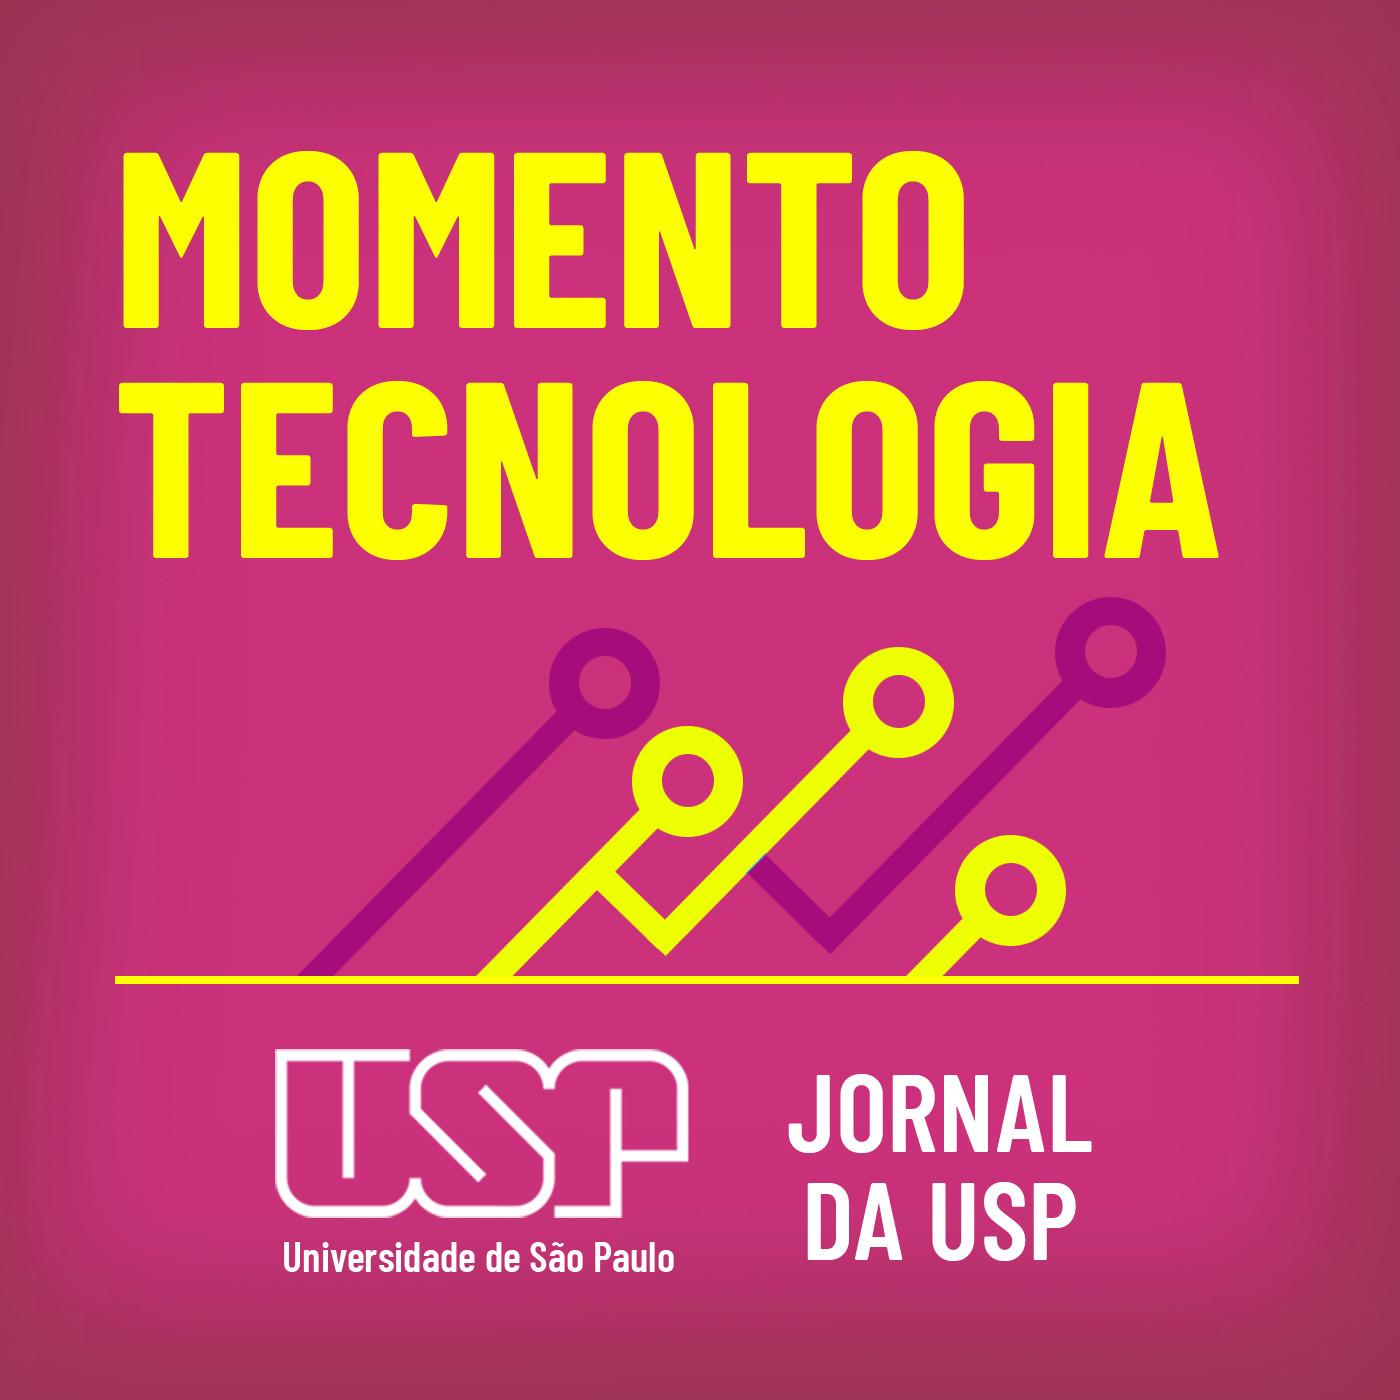 Momento Tecnologia #15: Sensores monitoram enchentes via computação em nuvem e redes sociais